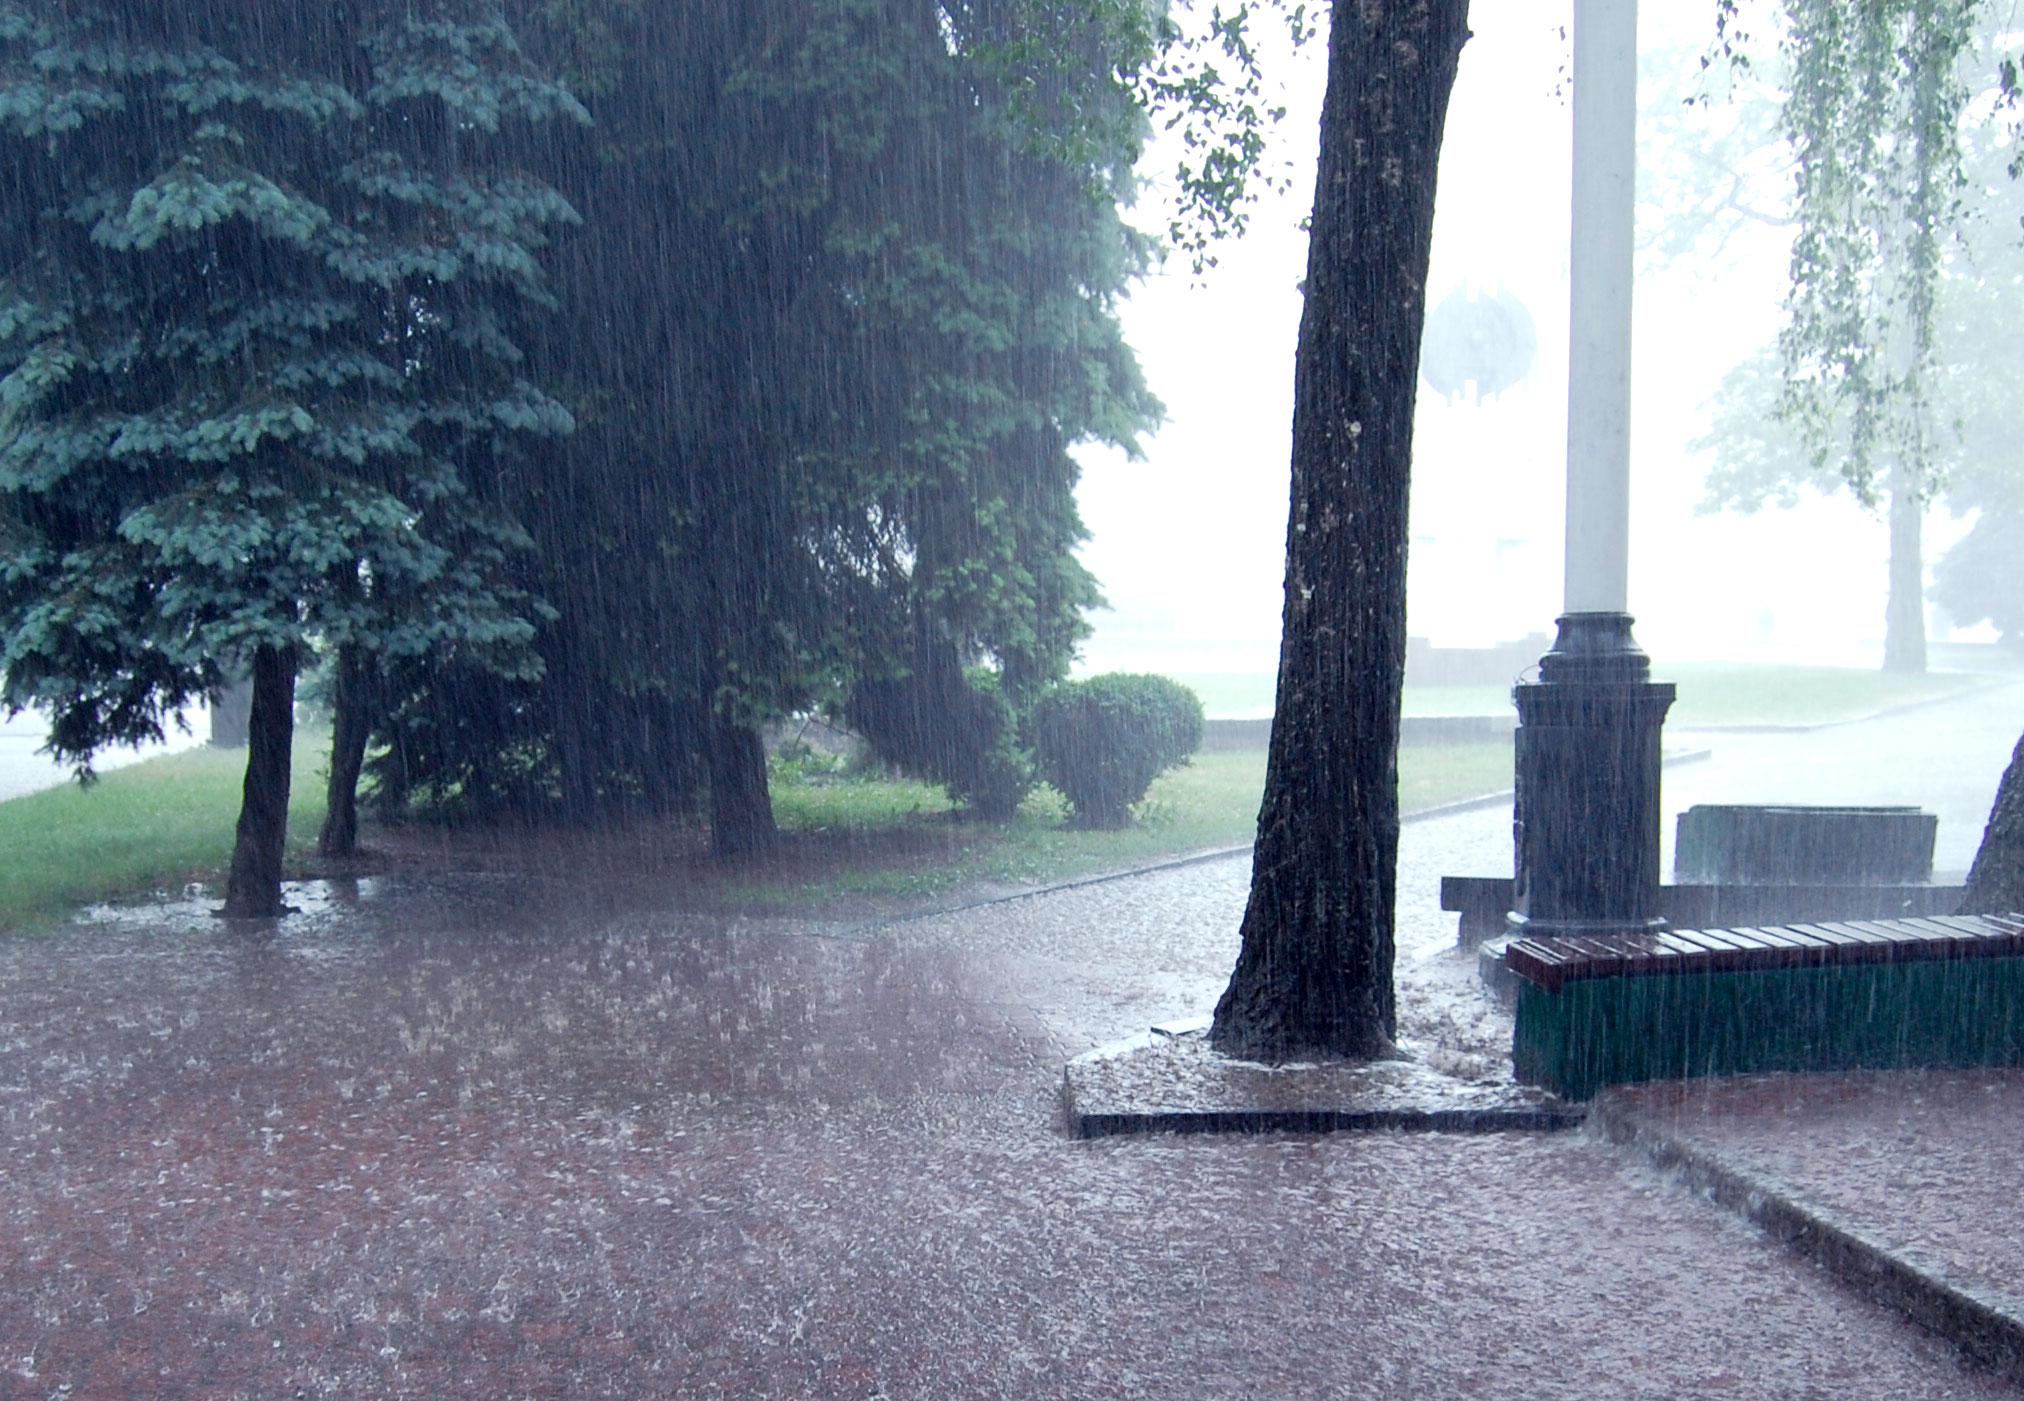 الأردن.. منخفض جوي عميق يوم الجمعة وتحذير من السيول والرياح القوية